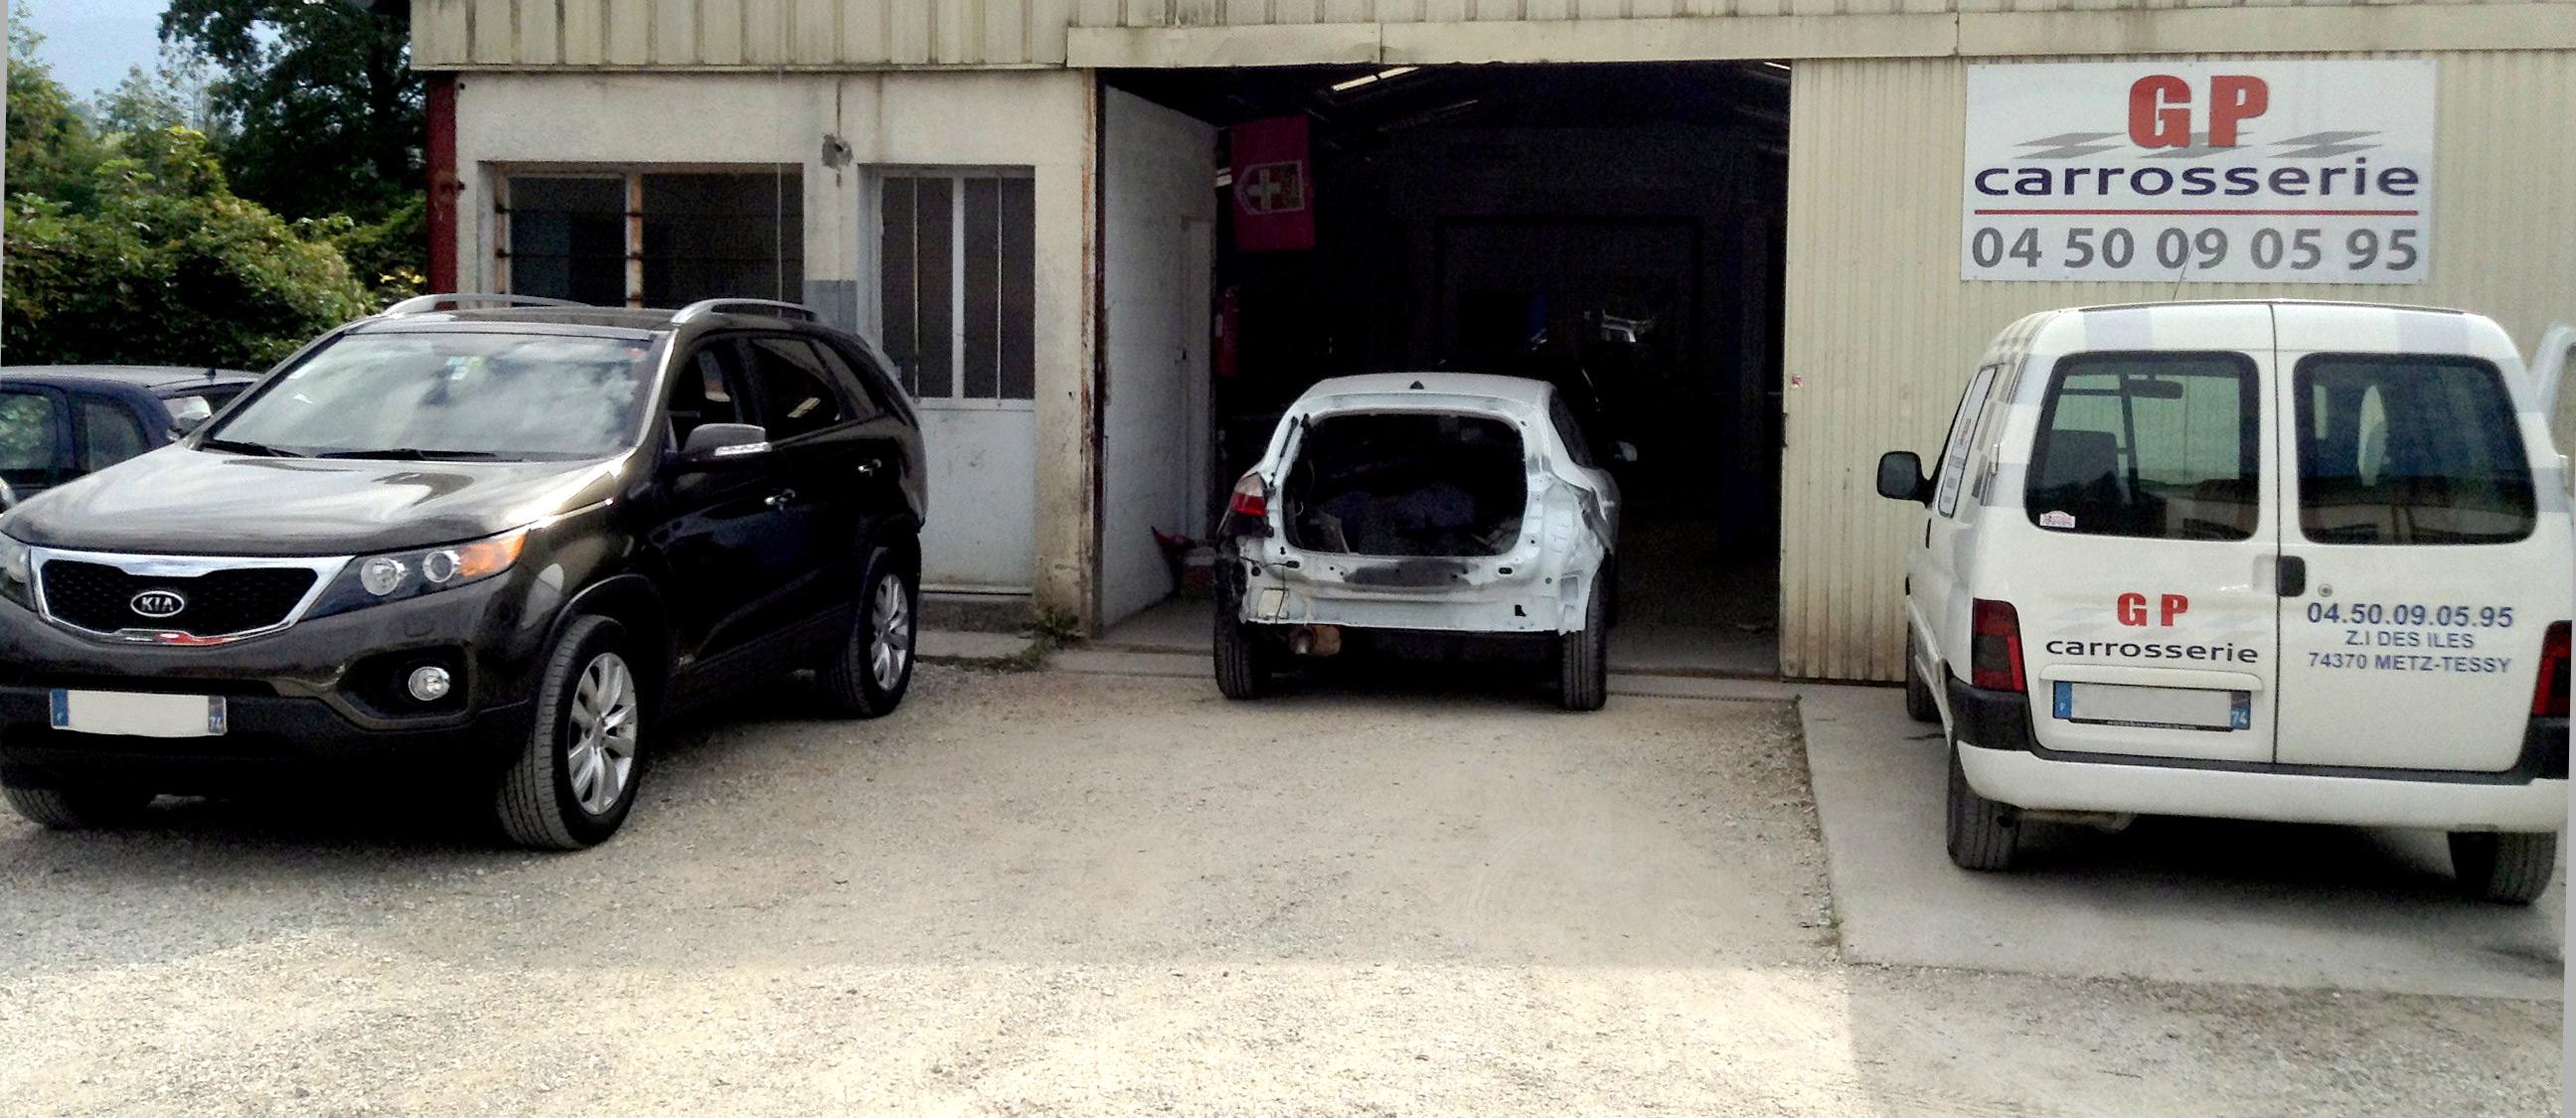 Réparation de son véhicule abimé à Metz-Tessy